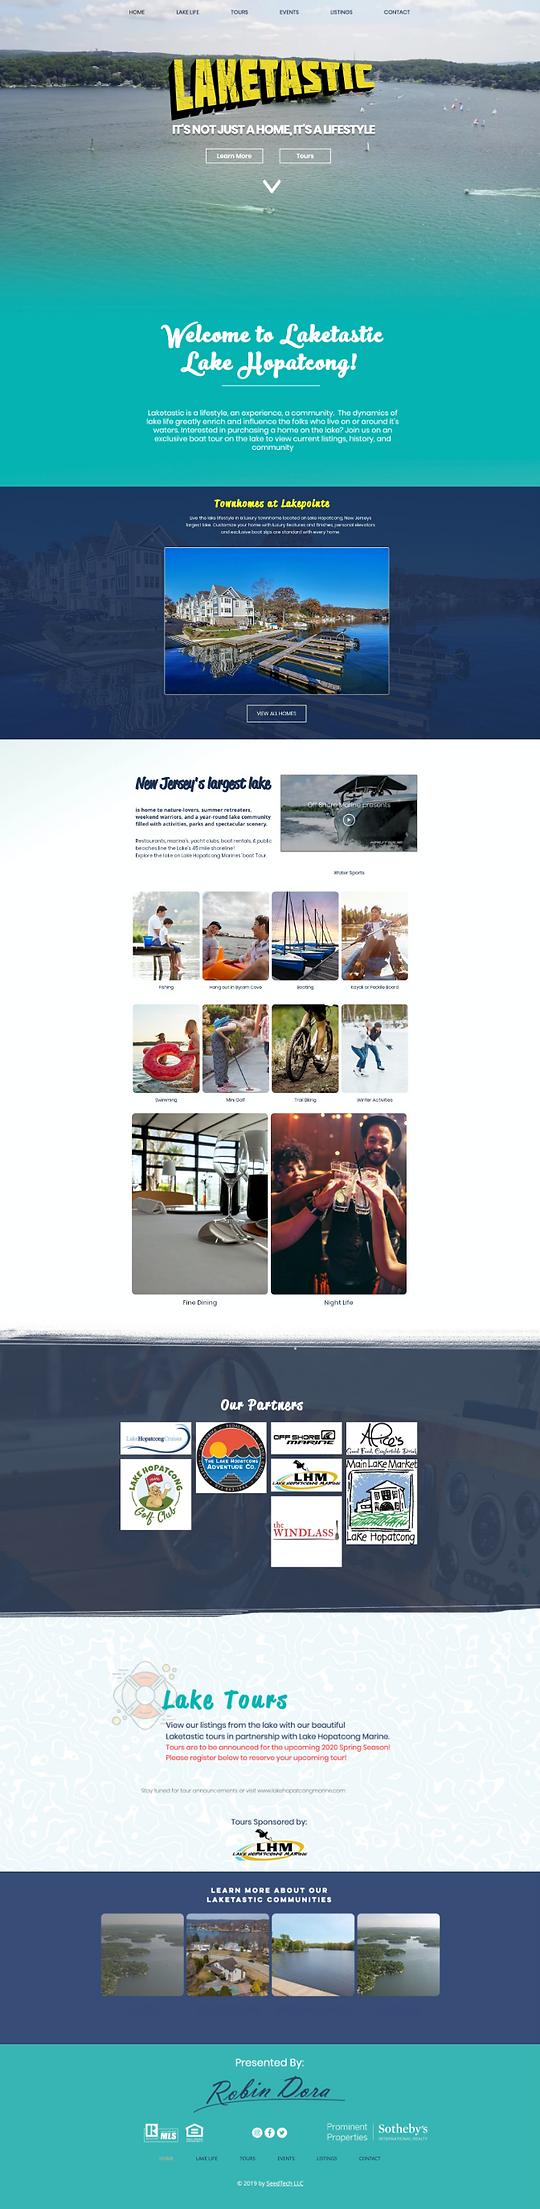 Laketastic desktop site.png